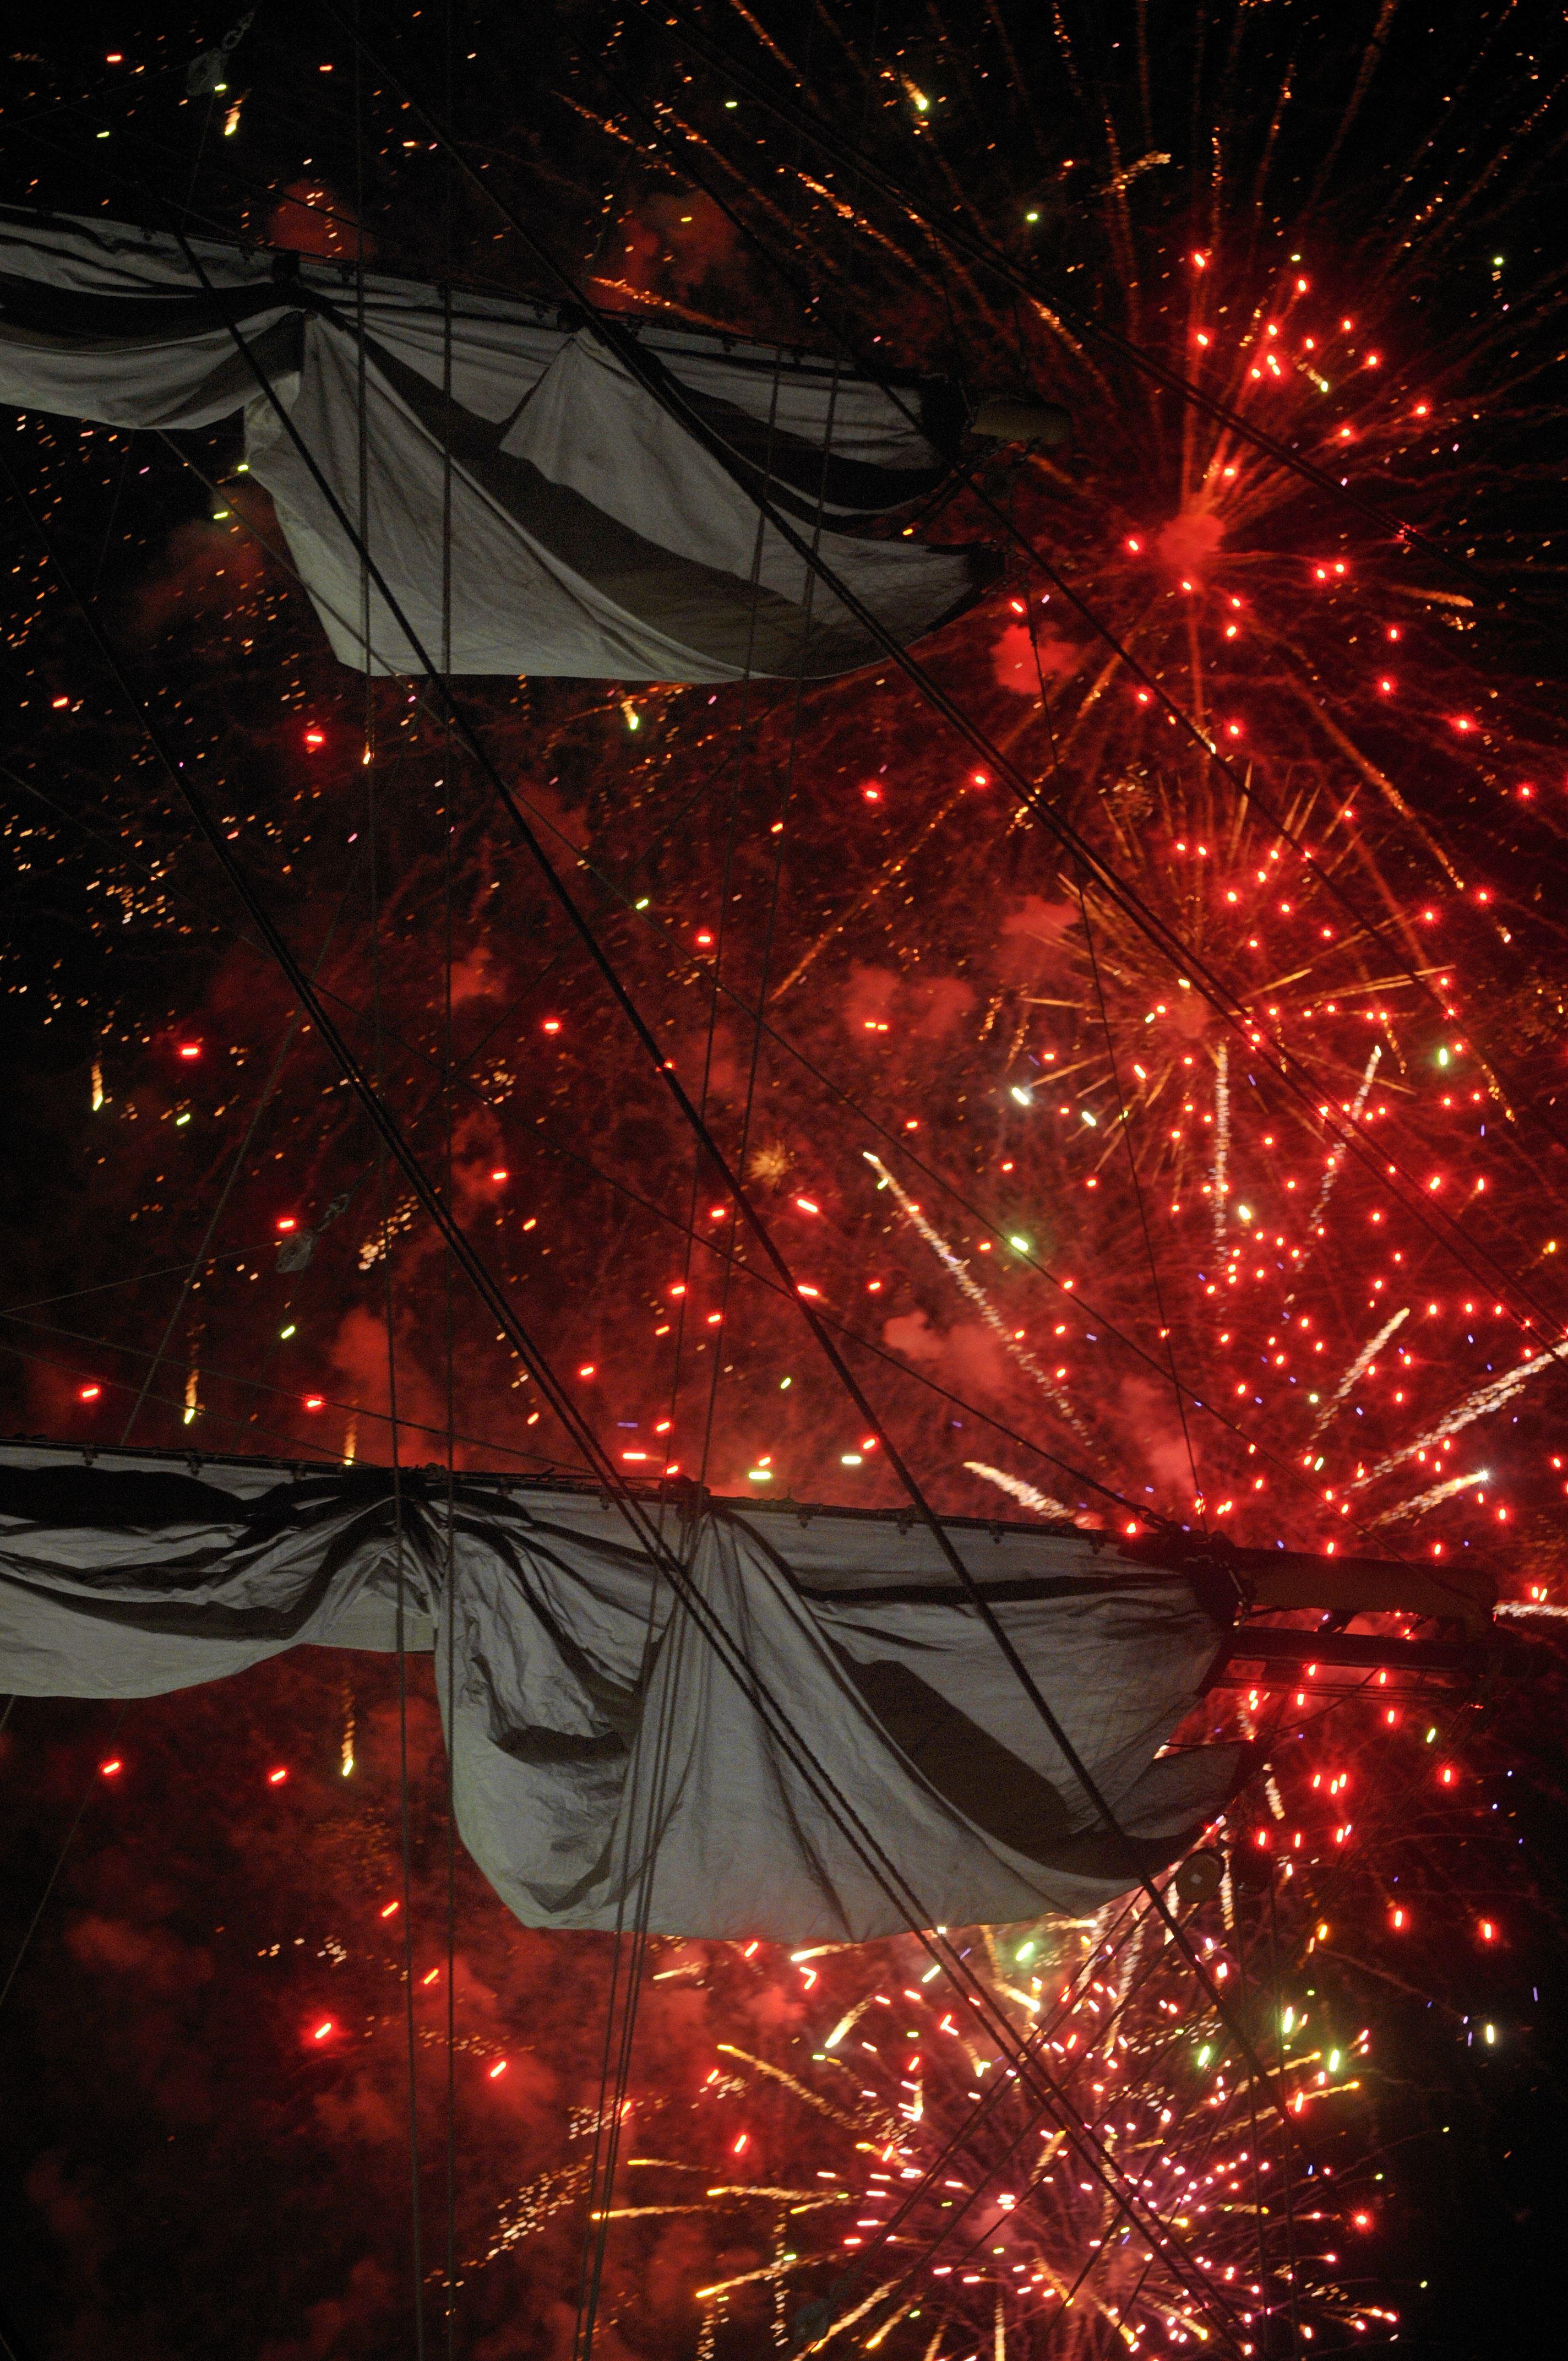 Croisière feu d'artifice à bord des vedettes de Bréhat